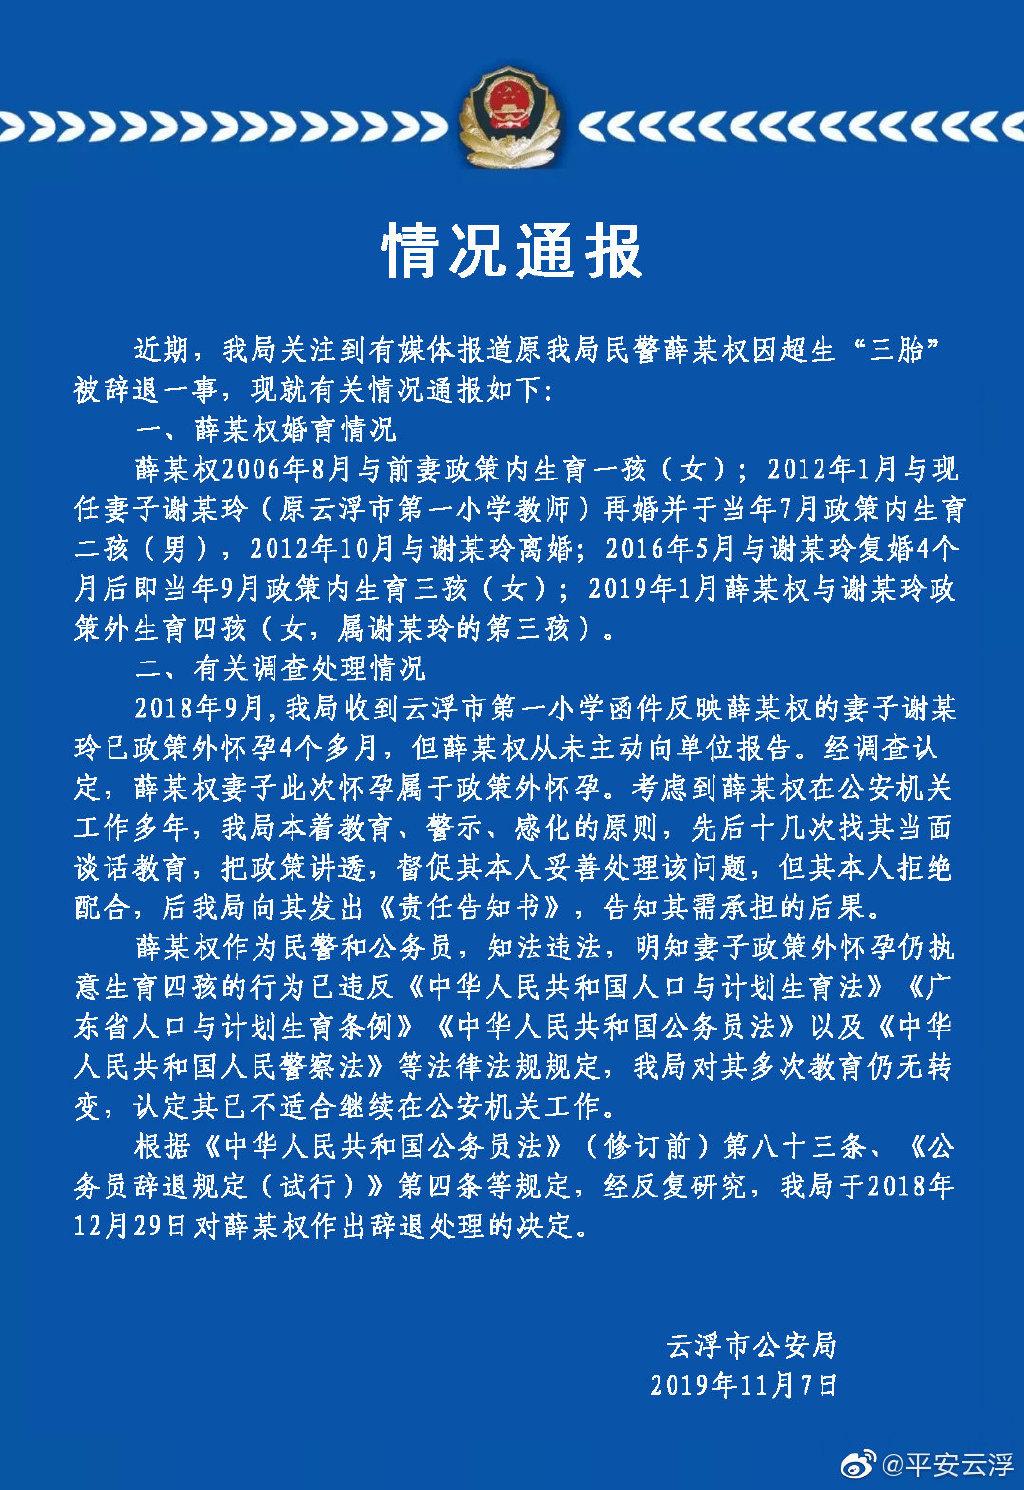 广东一民警因超生三胎被辞退 官